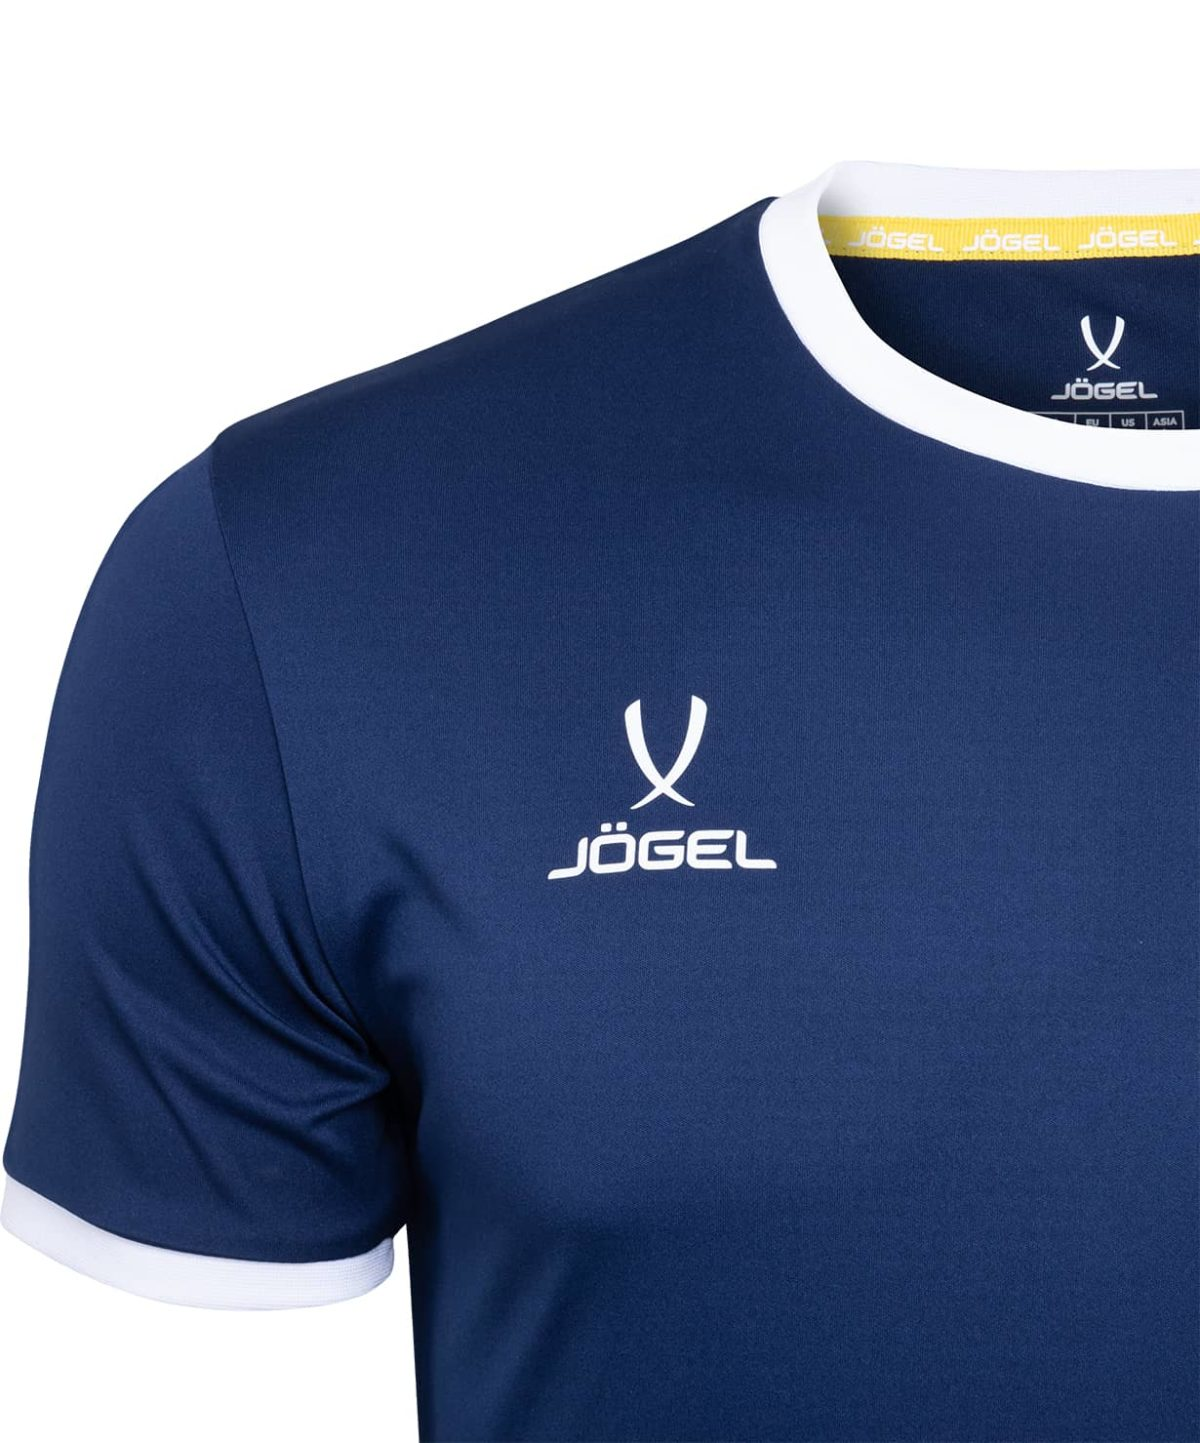 JOGEL CAMP Origin Футболка футбольная, темно-синий/белый  JFT-1020-091 - 3